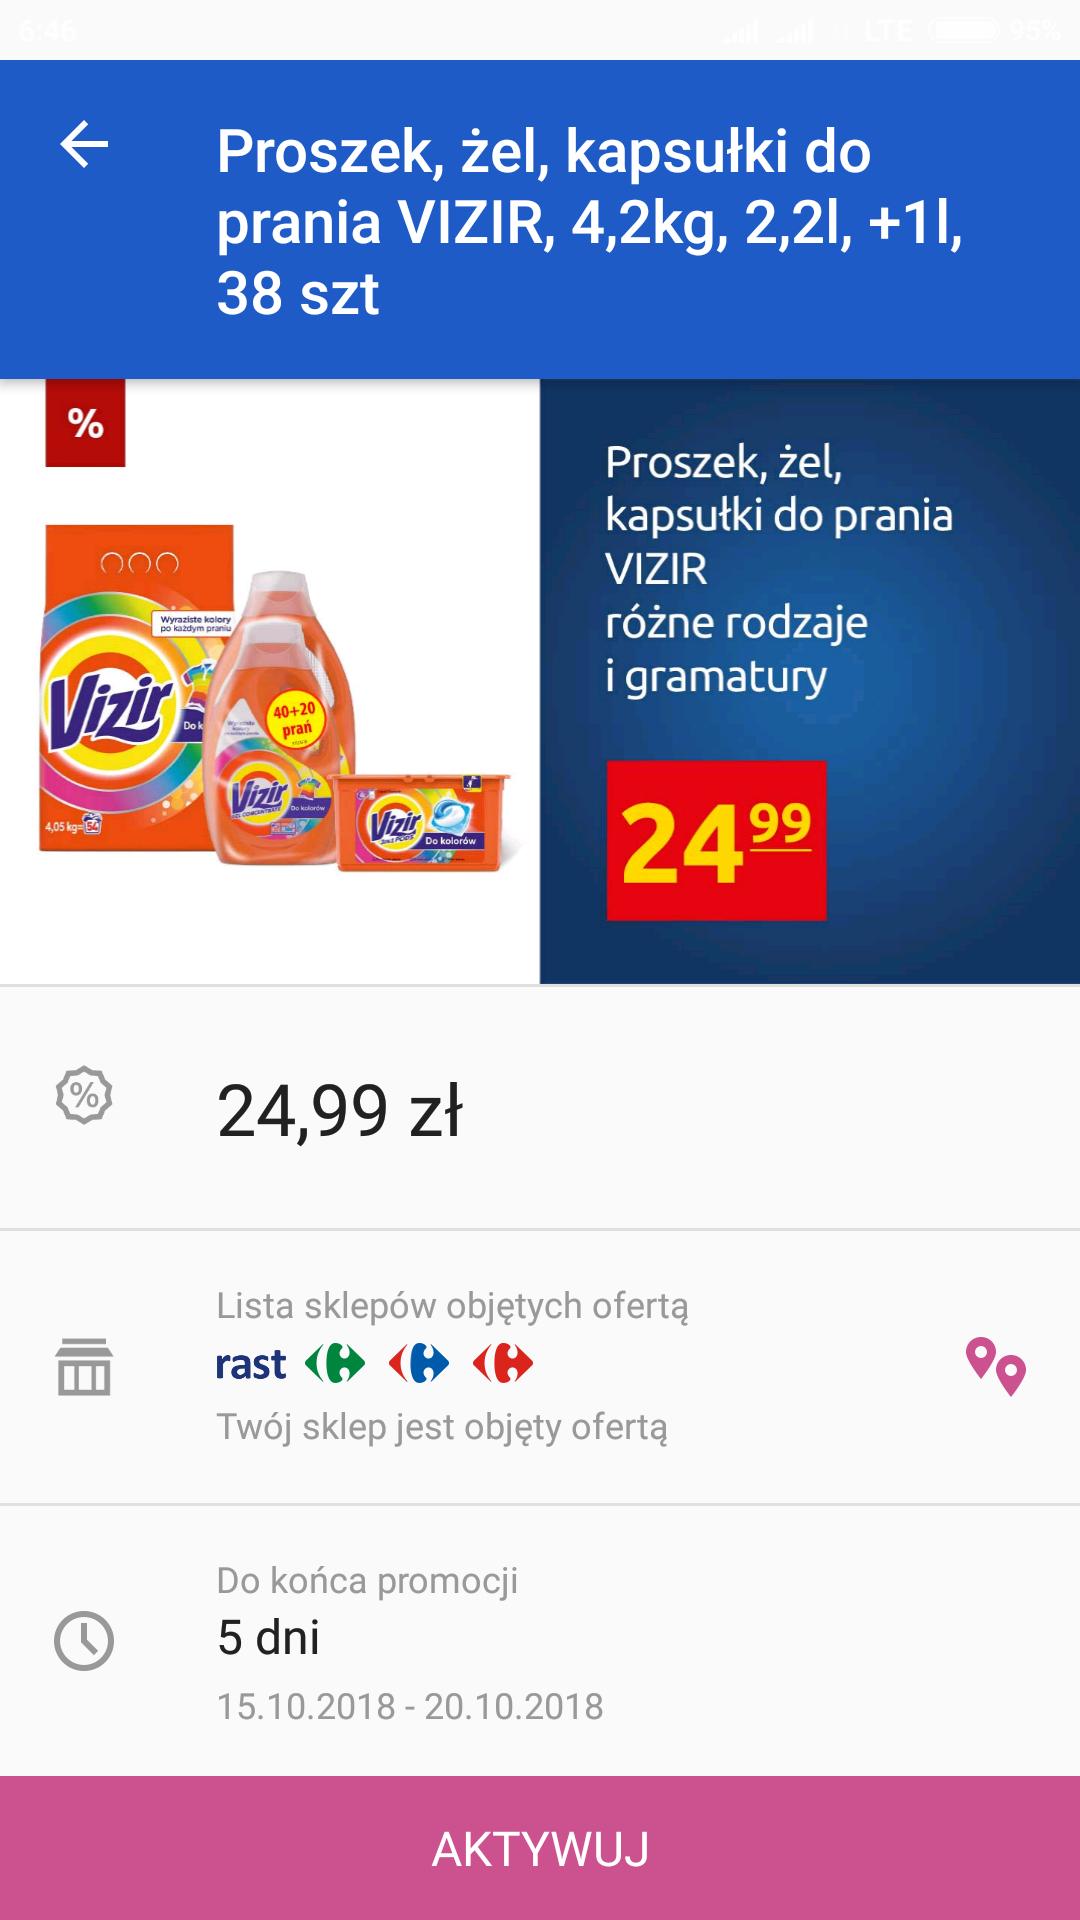 Vizir kapsułki, proszek i żel do prania z aplikacją Carrefour